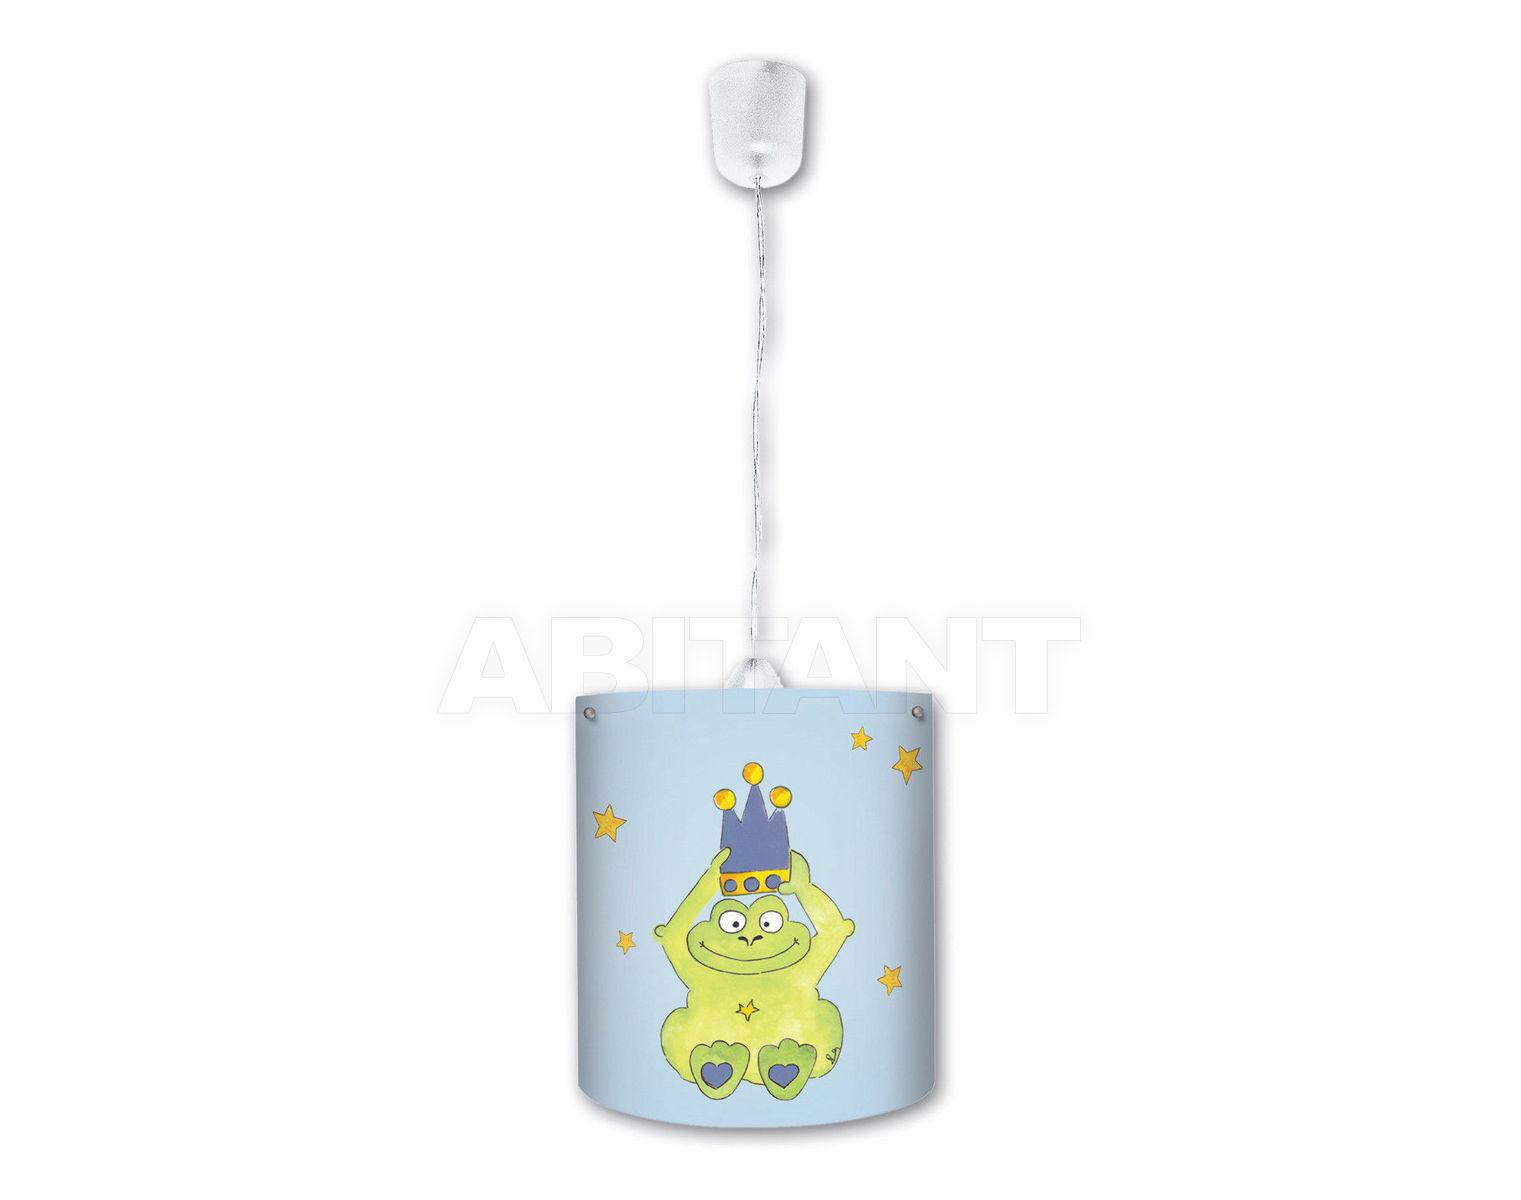 Купить Светильник для детской Waldi Leuchten Lampen Fur Kinder 2012 70286.0